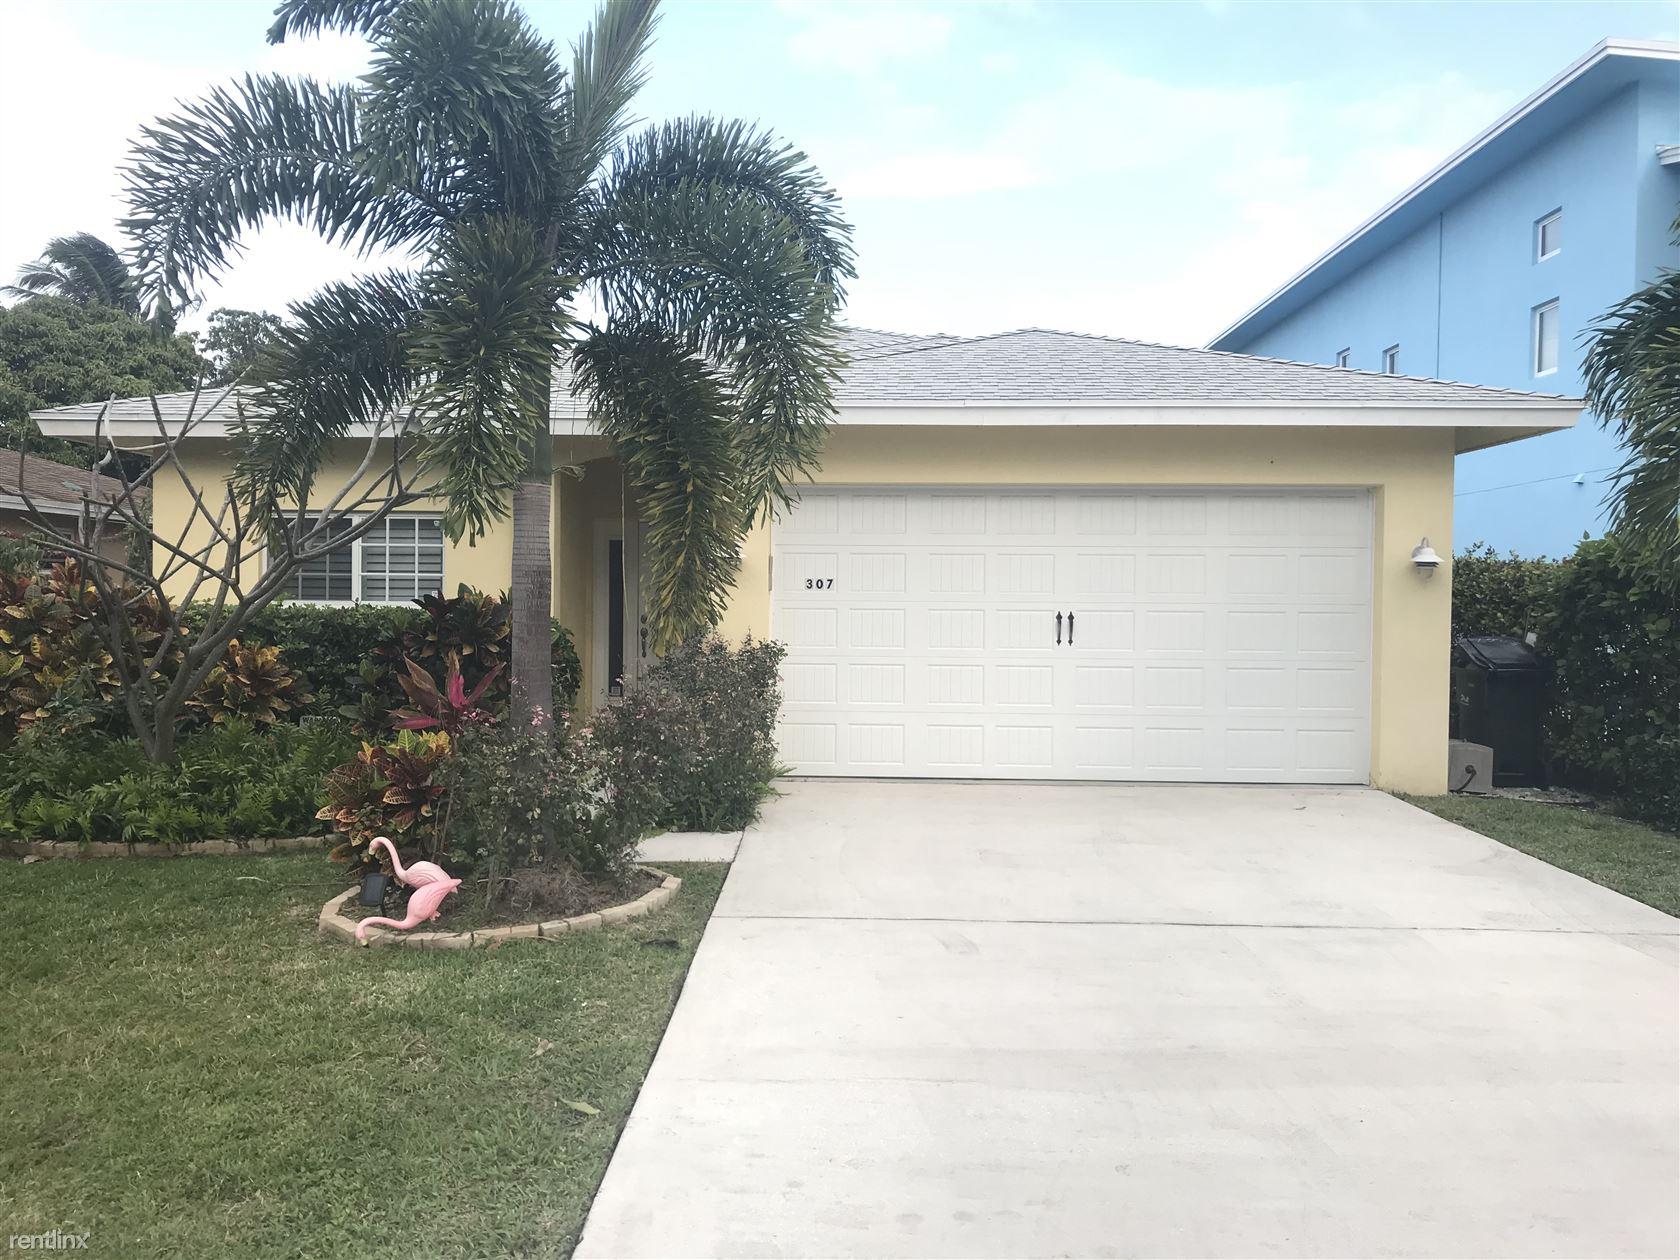 307 SE 4th Ave, Delray Beach, FL - $2,500